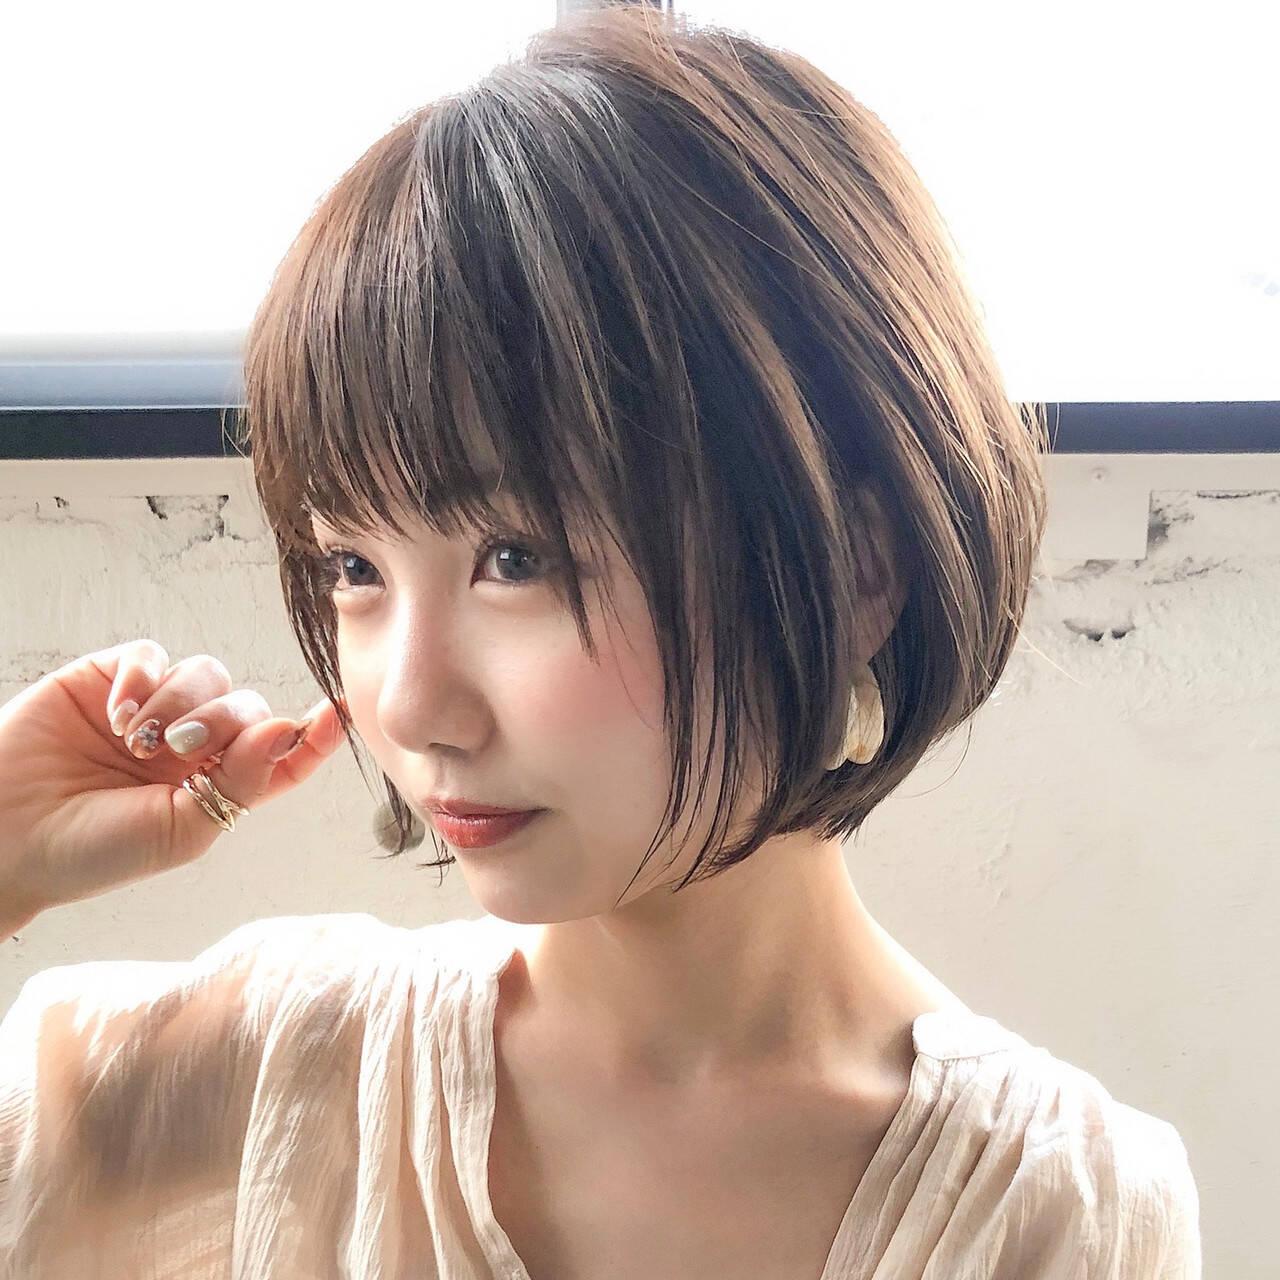 ナチュラル ショートヘア 大人かわいい アンニュイほつれヘアヘアスタイルや髪型の写真・画像